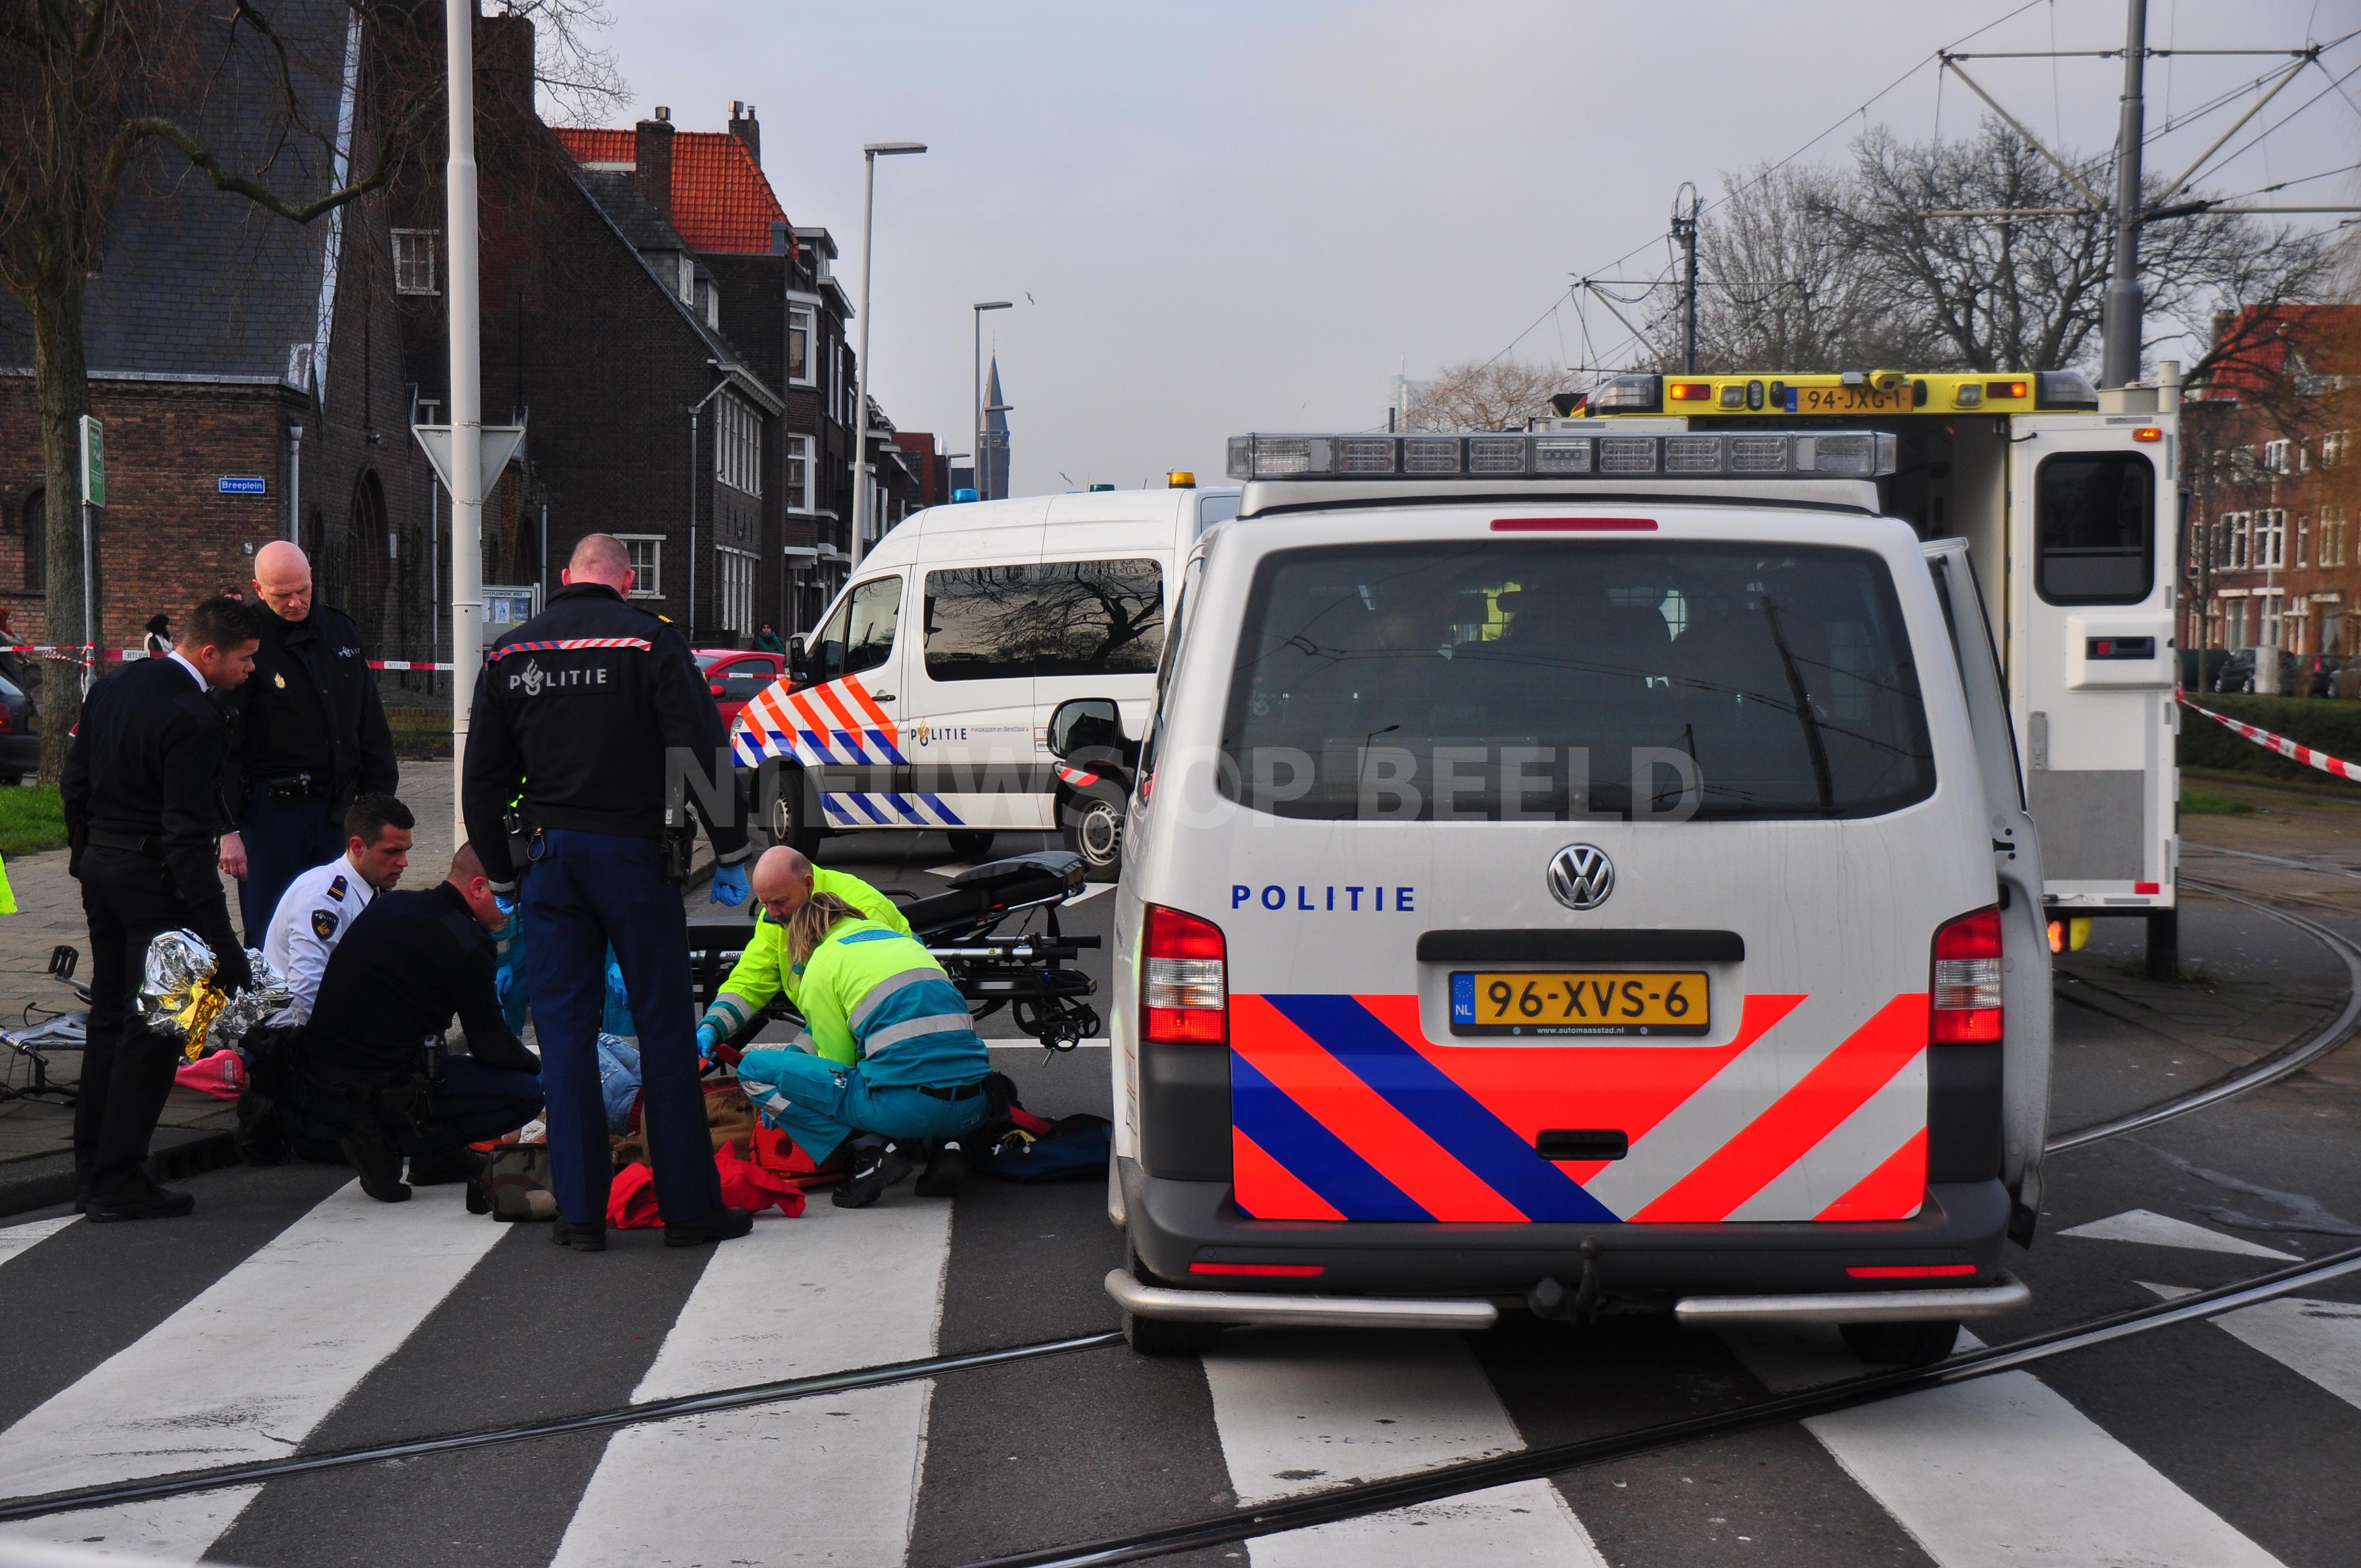 Fietser gewond na aanrijding met vrachtwagen Breeplein Rotterdam